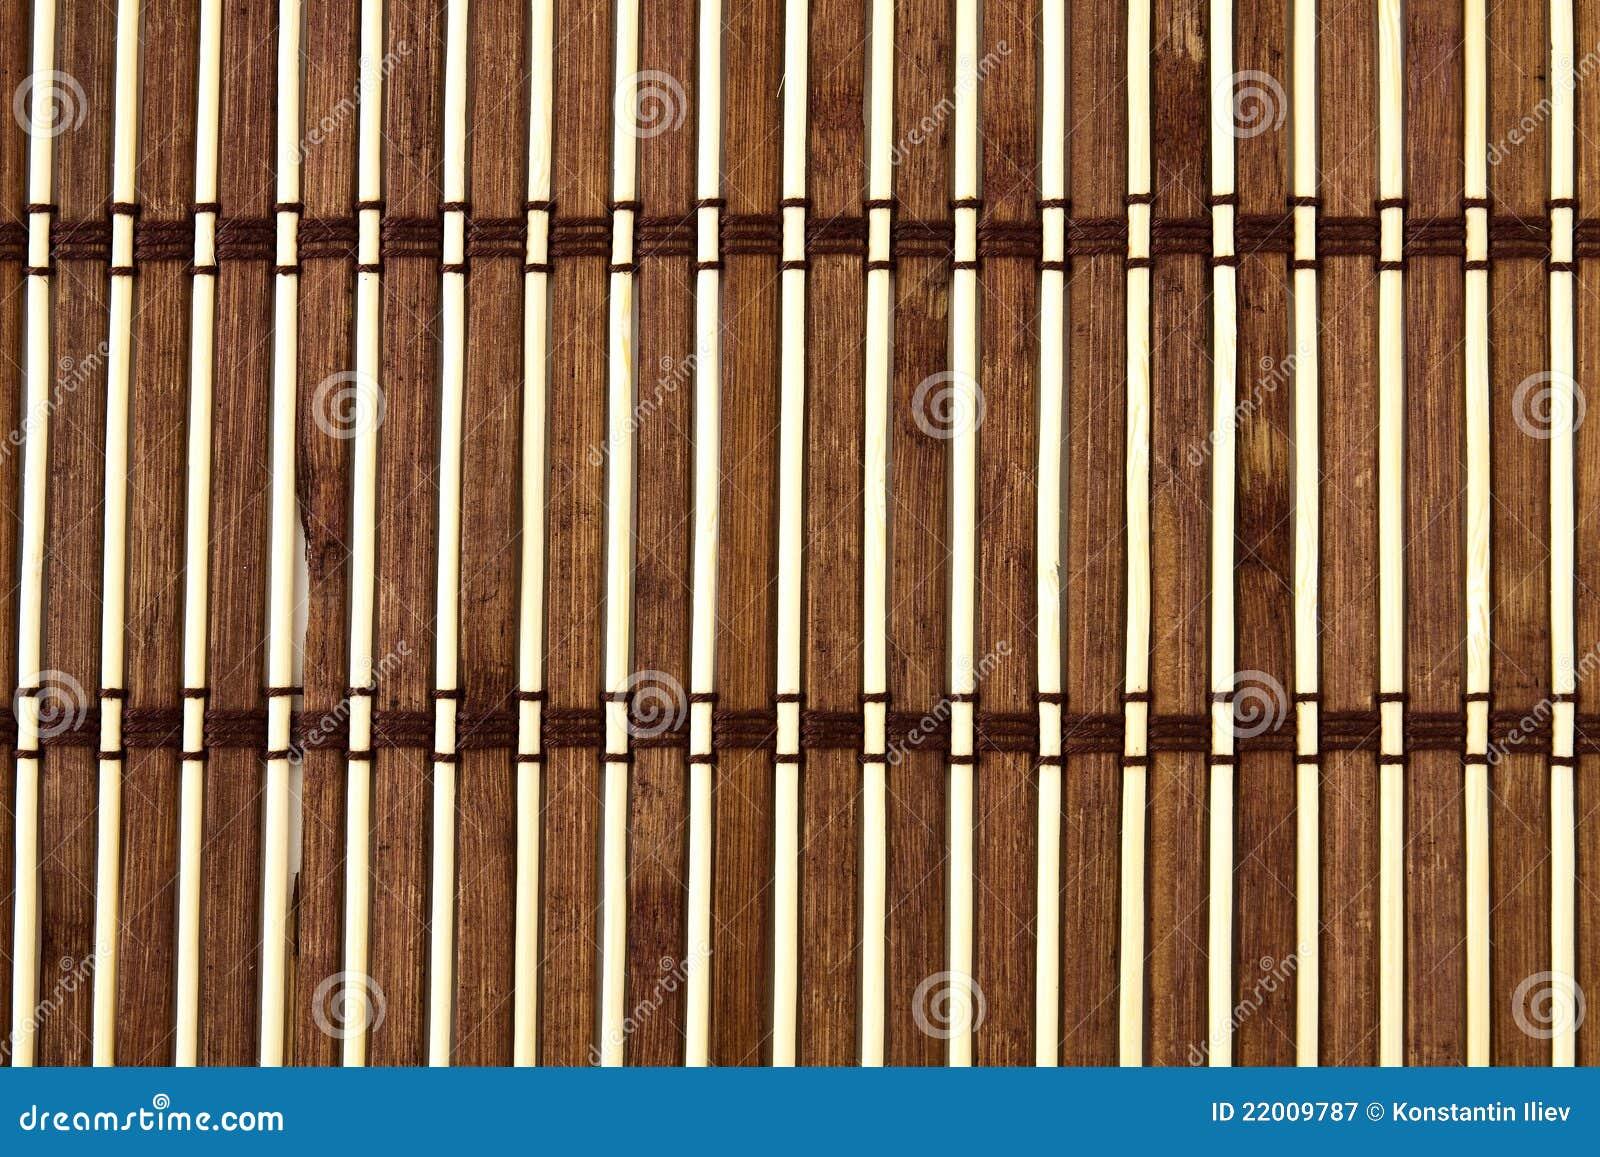 Bambusmatten Stockbild Bild Von Bild Steuerknuppel 22009787